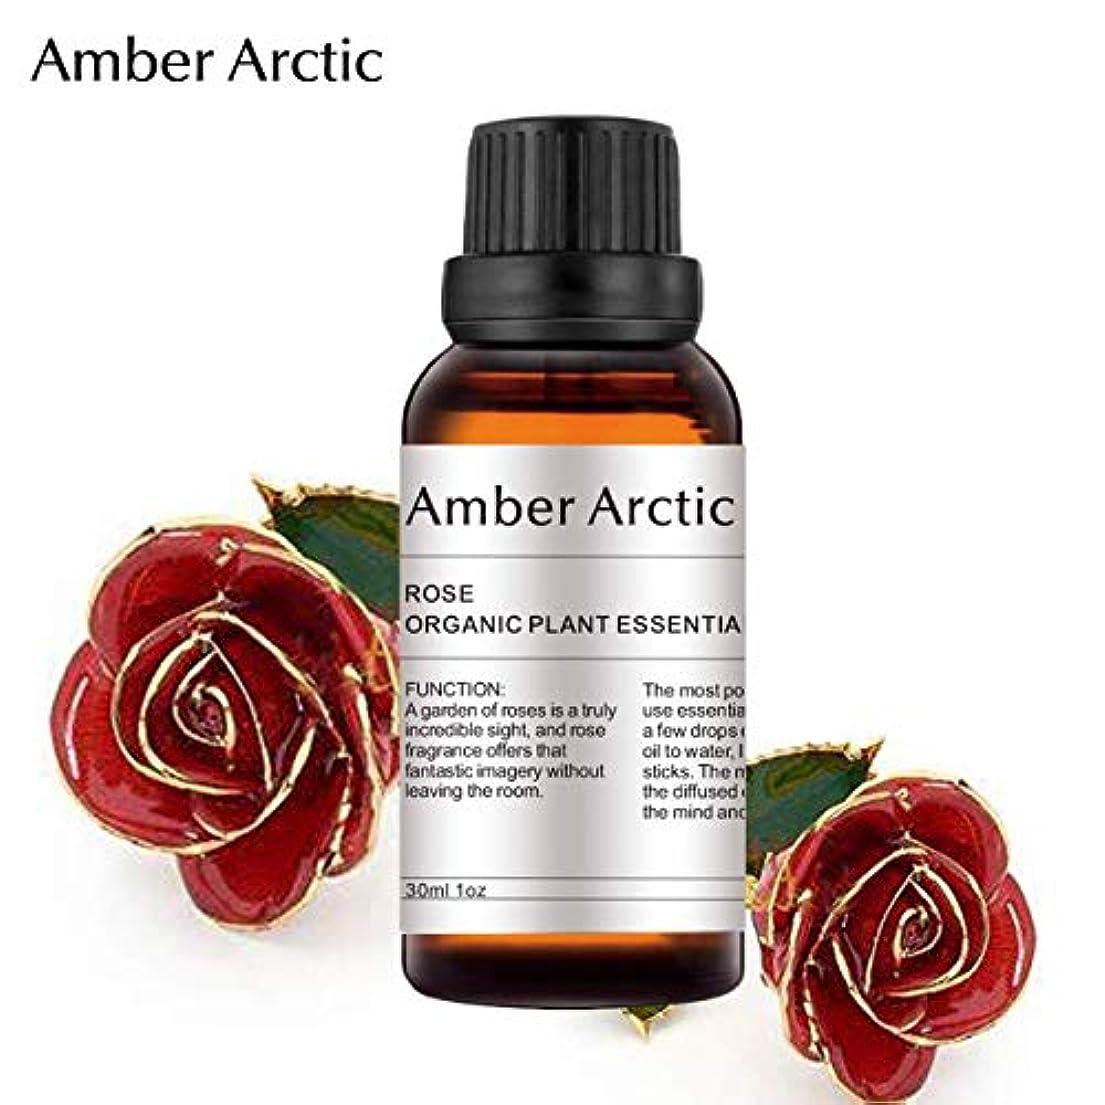 古くなったビートモンクAMBER ARCTIC エッセンシャル オイル ディフューザー 用 100% 純粋 新鮮 有機 植物 セラピー オイル 30Ml ローズ ローズ